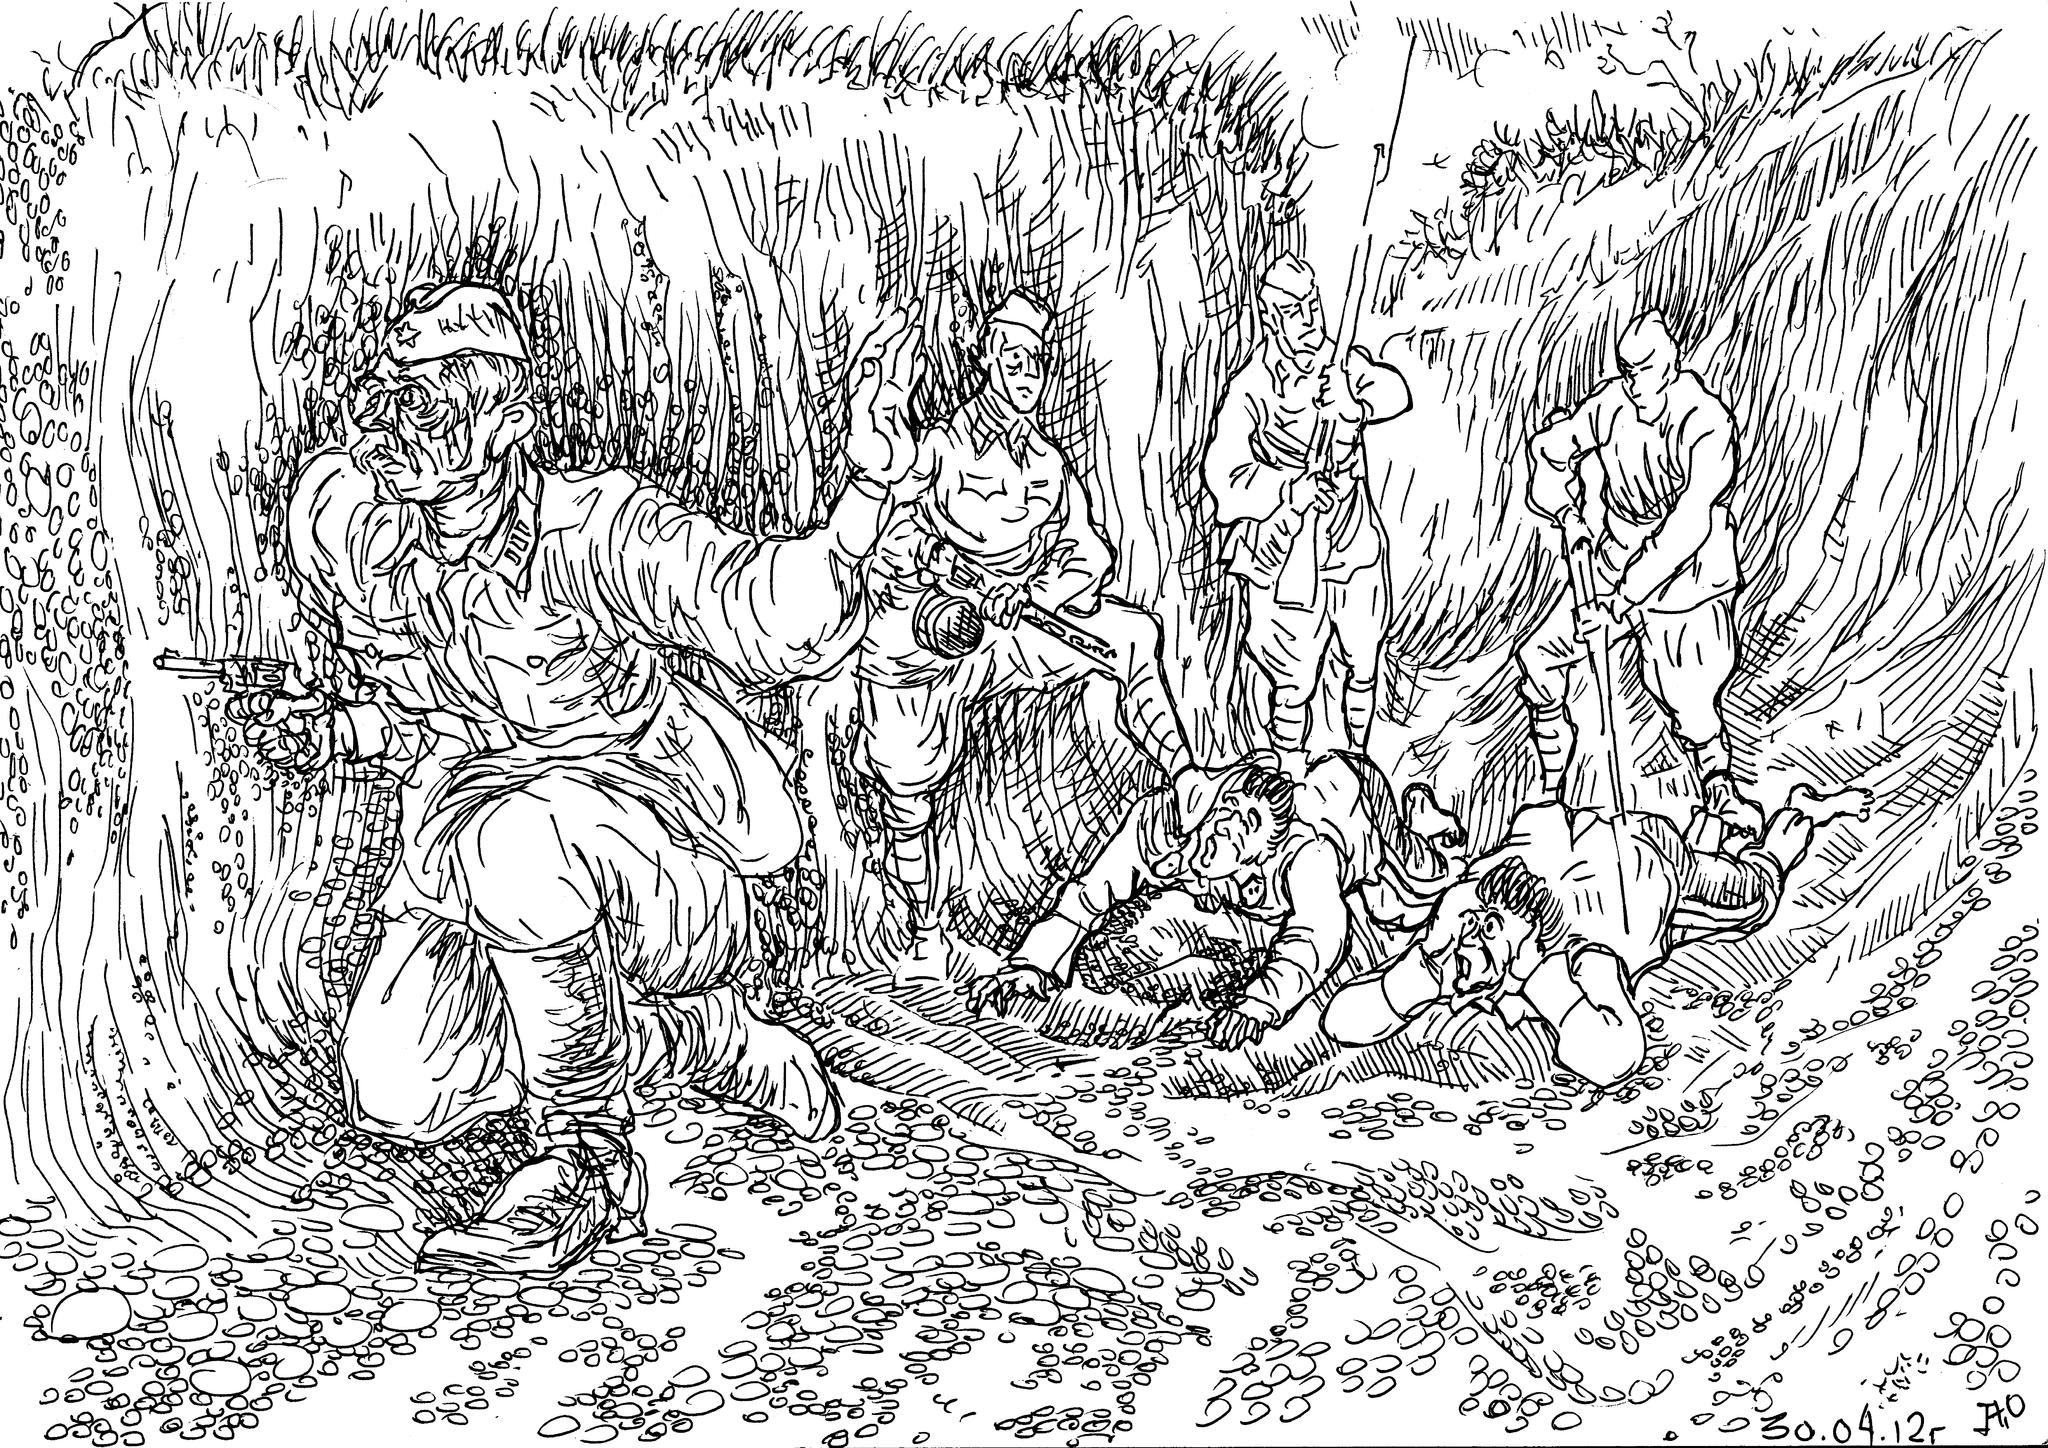 Группа бойцов, выходя из окружения, ведут своих полководцев-военачальников